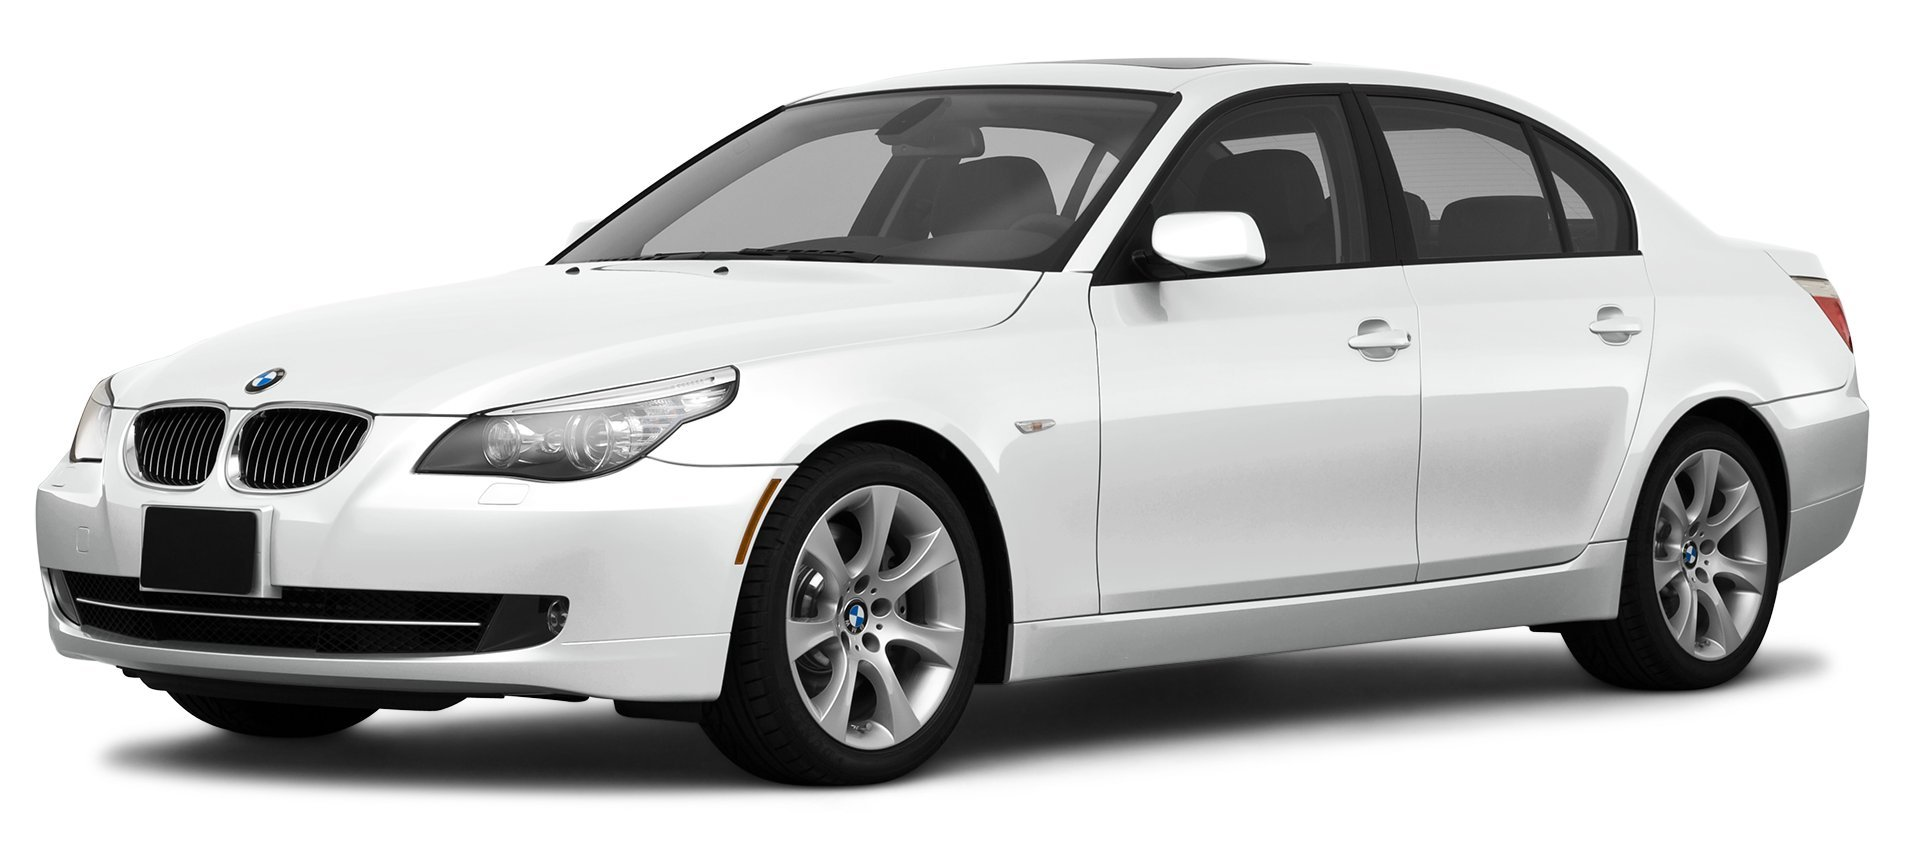 2010 BMW 528i XDrive 4 Door Sedan All Wheel Drive